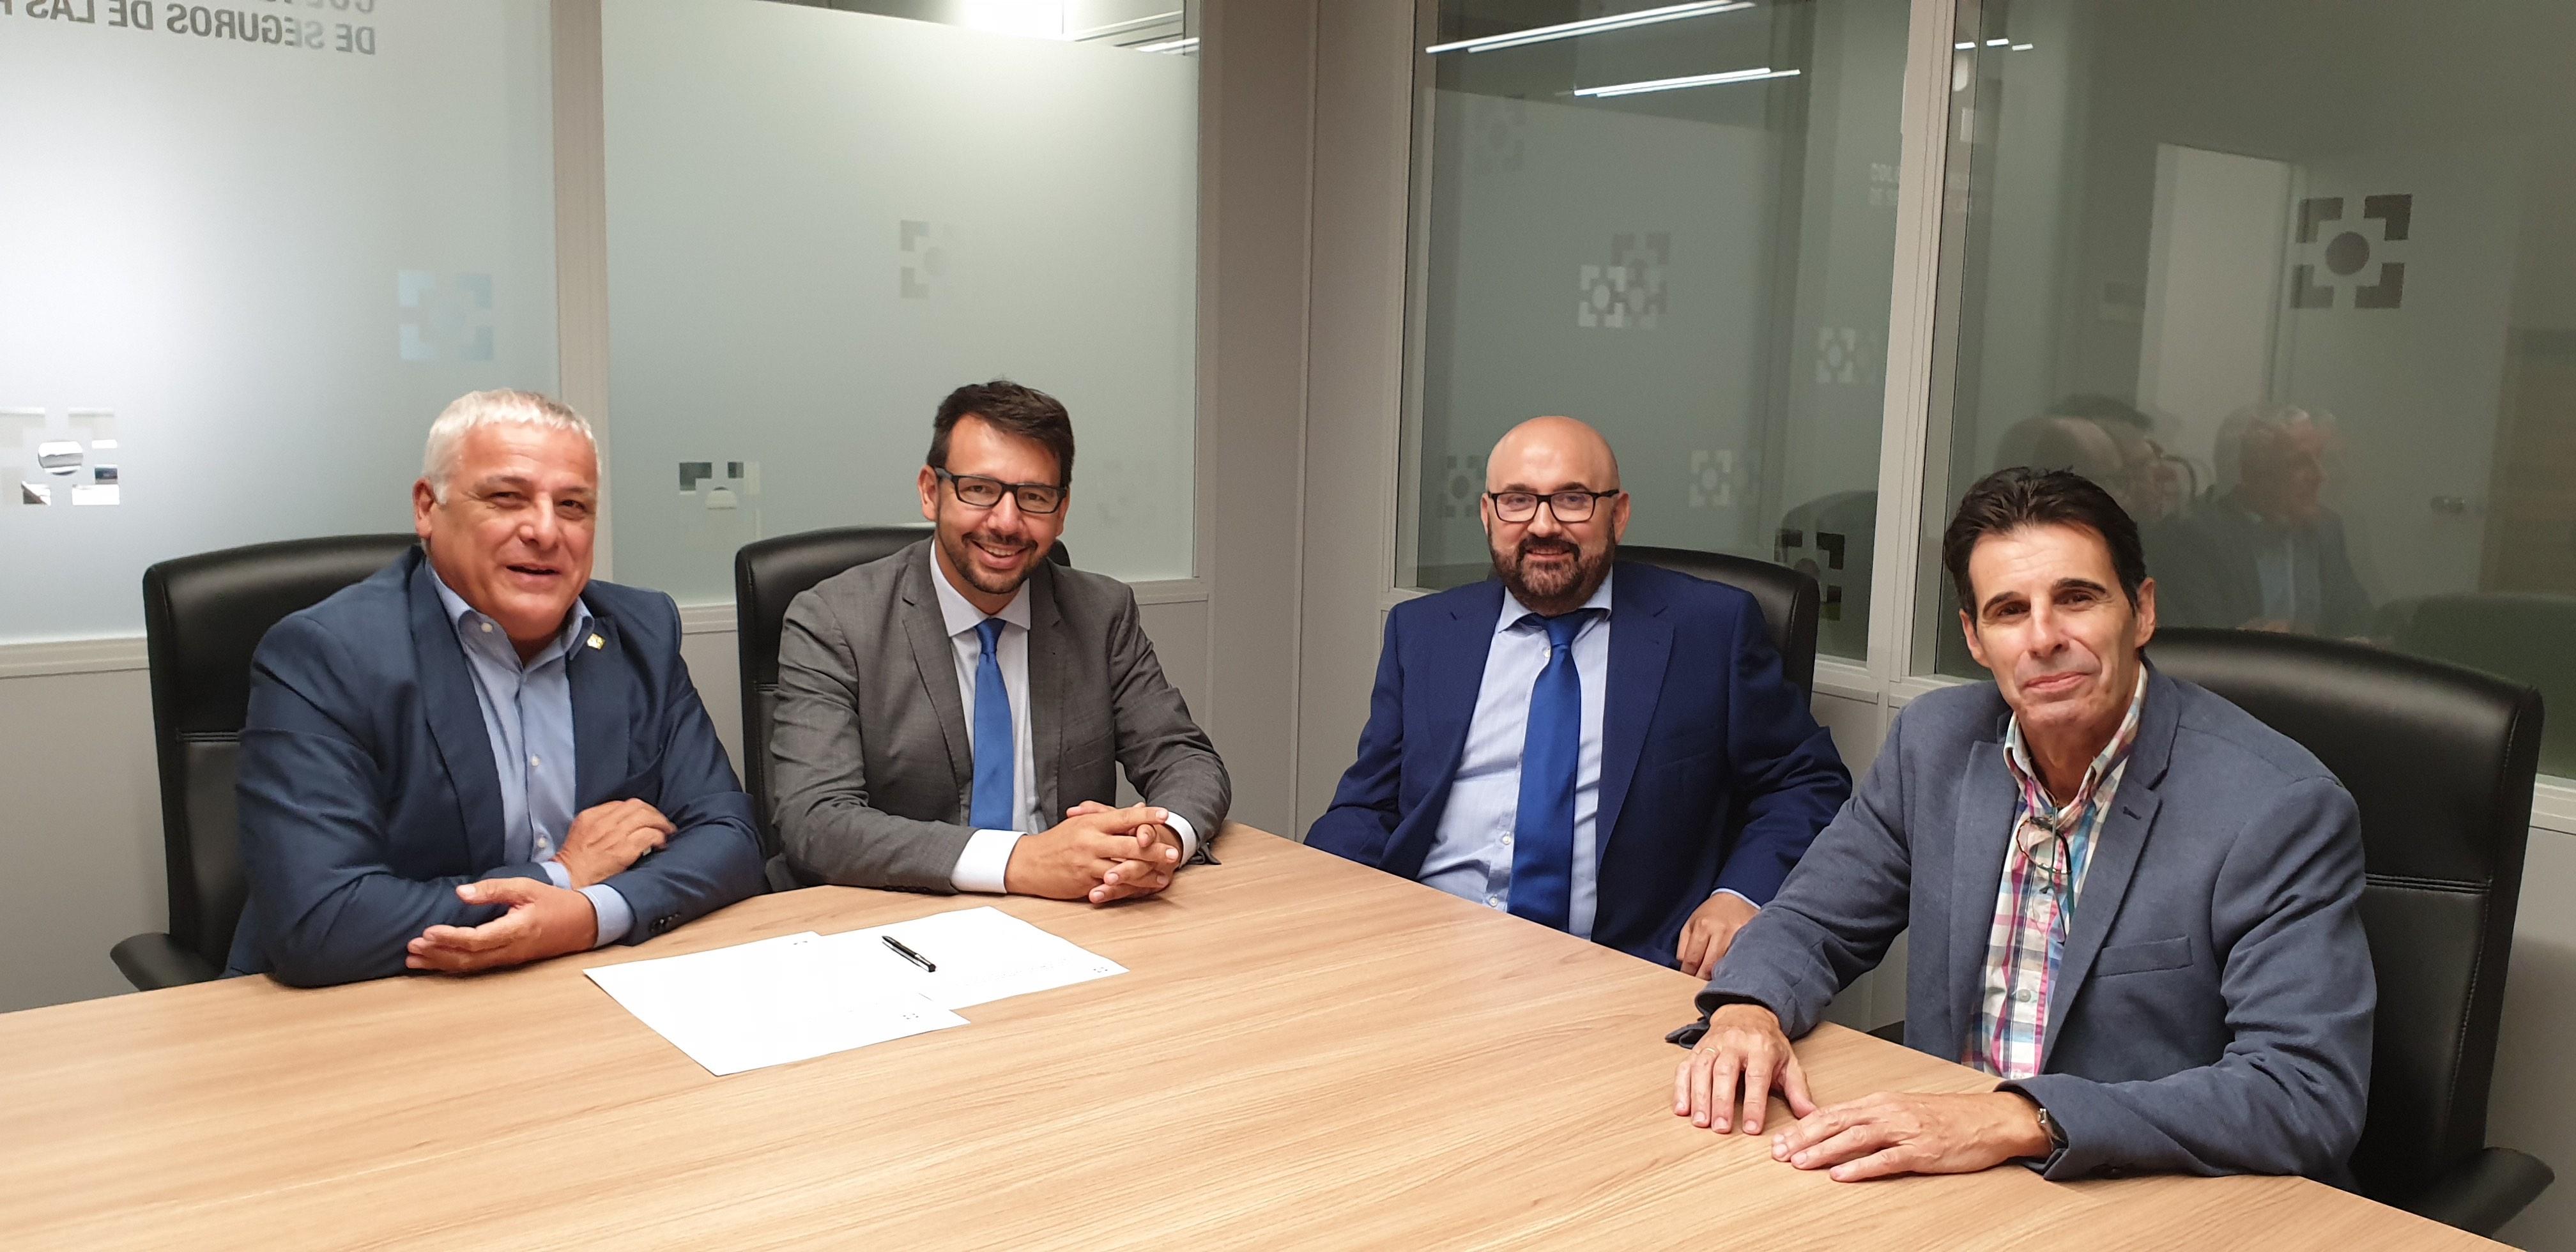 SegurCaixa Adelas y el Colegio de Mediadores de Seguros de Las Palmas renuevan el protocolo de colaboración